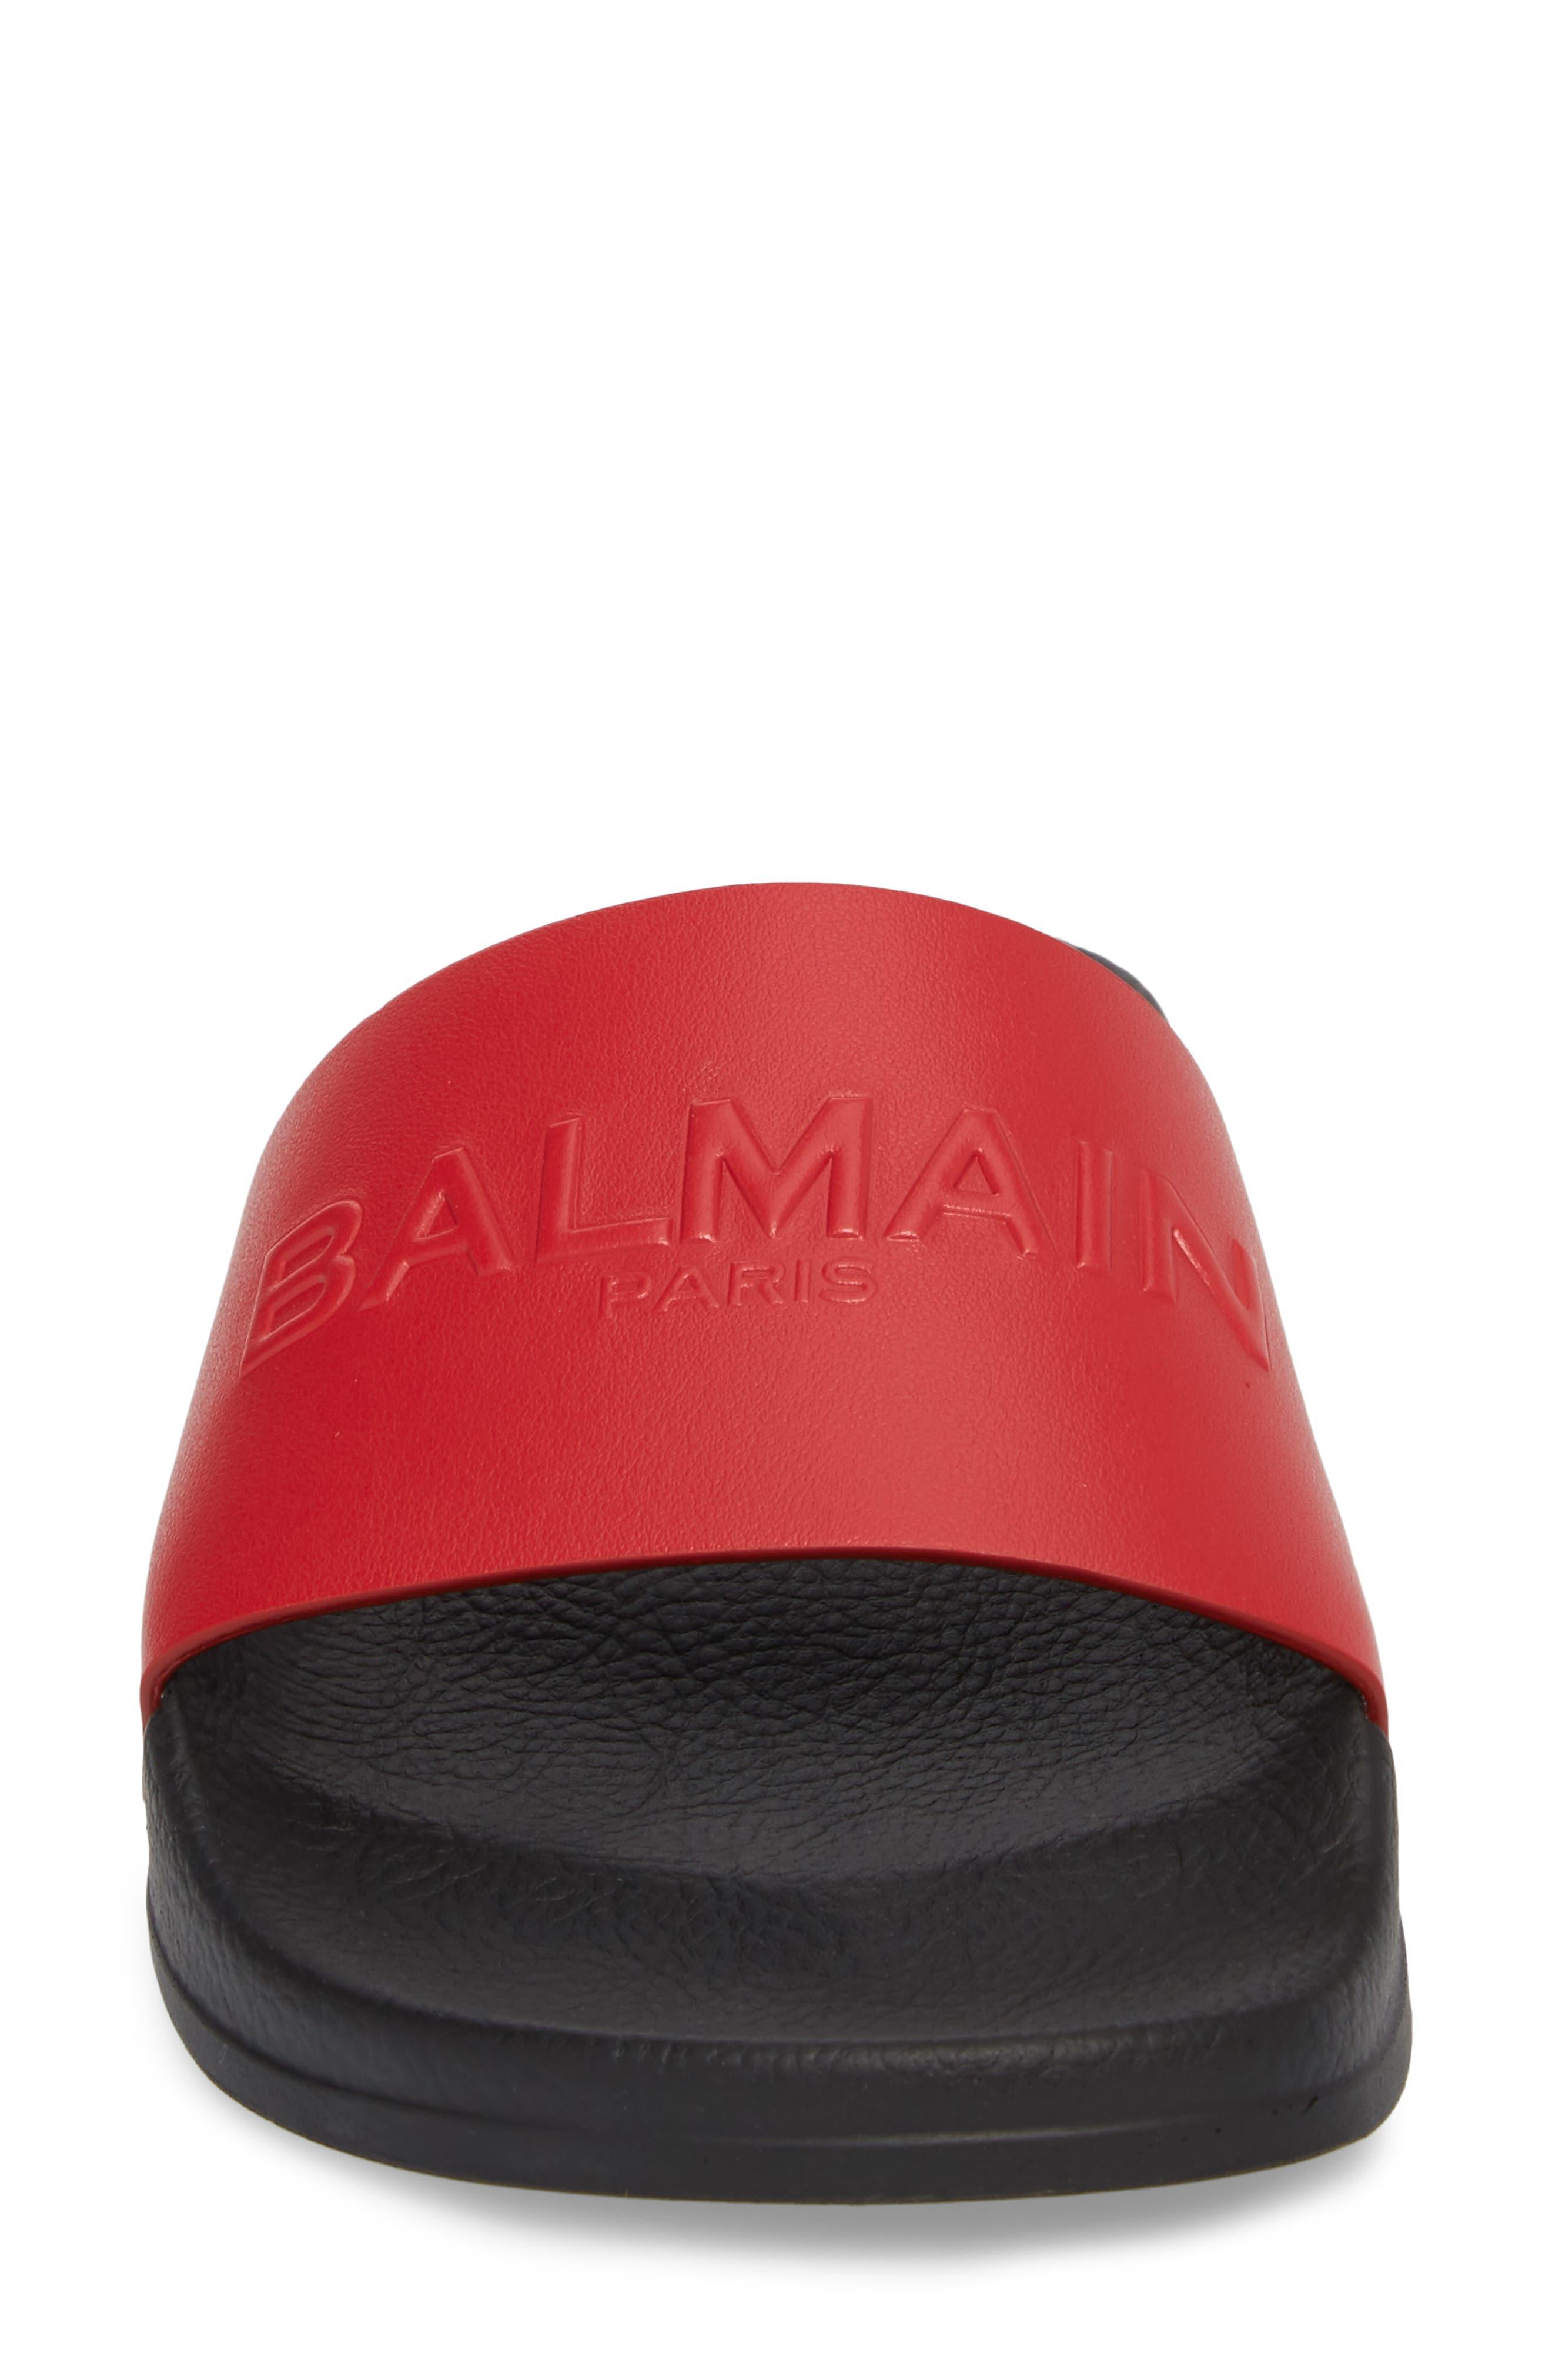 Alternate Image 4  - Balmain Calypso Logo Strap Slide Sandal (Women)